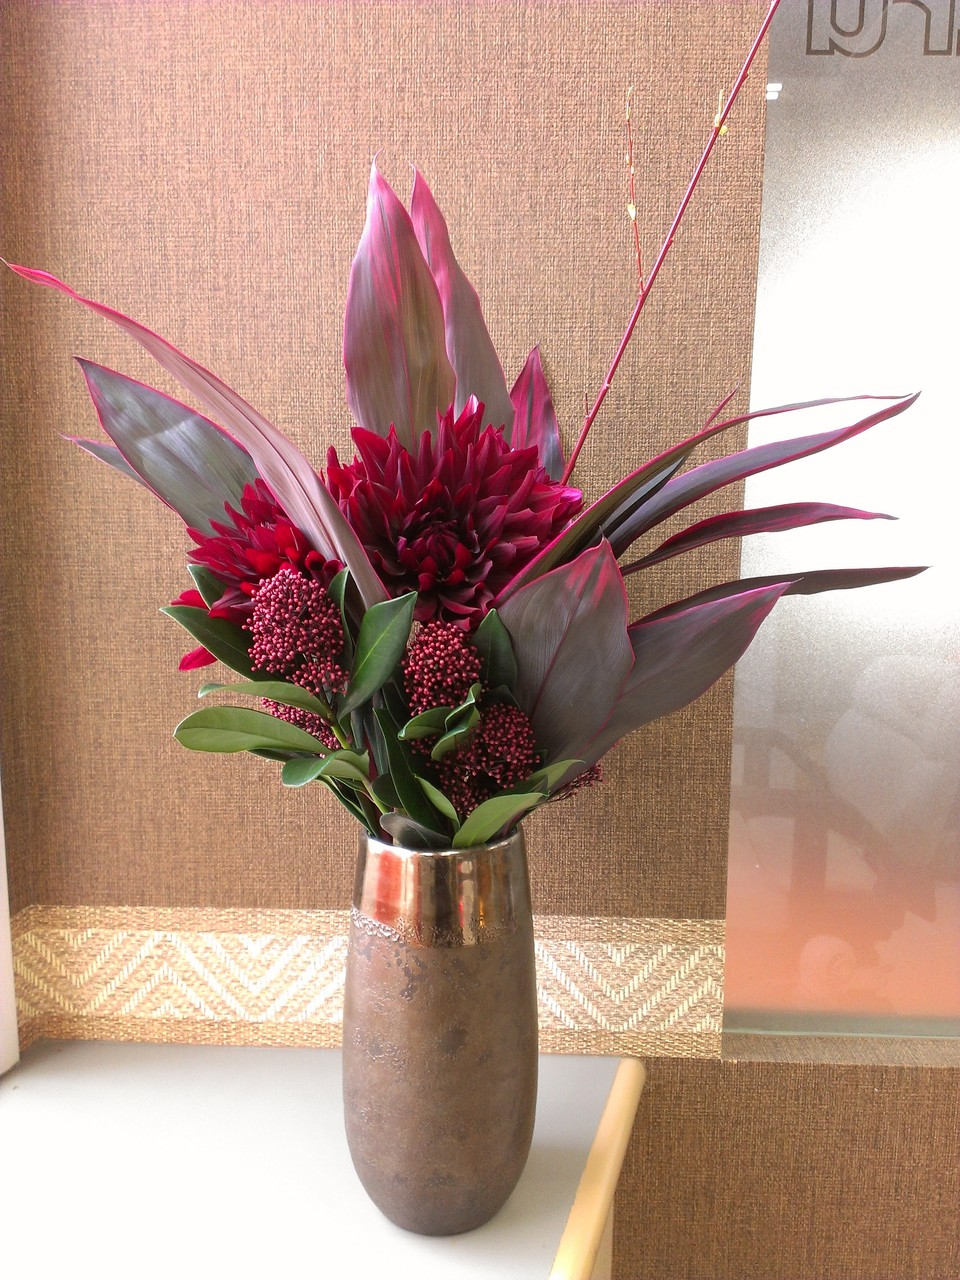 2014.11.12 ダリア(黒蝶)、スキミア、ドラセナ、レッドウィロー(和名:赤柳) ・赤黒く中心に咲き誇る大輪の花ダリア、沢山の赤い実!?のように見えるお花がスキミア。赤色で縁取りさせた大きな葉っぱがドラセナ。長~い真っ赤な柳の枝レッドウィローを使ったアレンジメントとなります。深い赤色でシックなイメージになります。 花言葉:ダリア(黒蝶)【威厳、感謝】、スキミア【寛大、清純】、ドラセナ【-】・レッドウィロー【-】